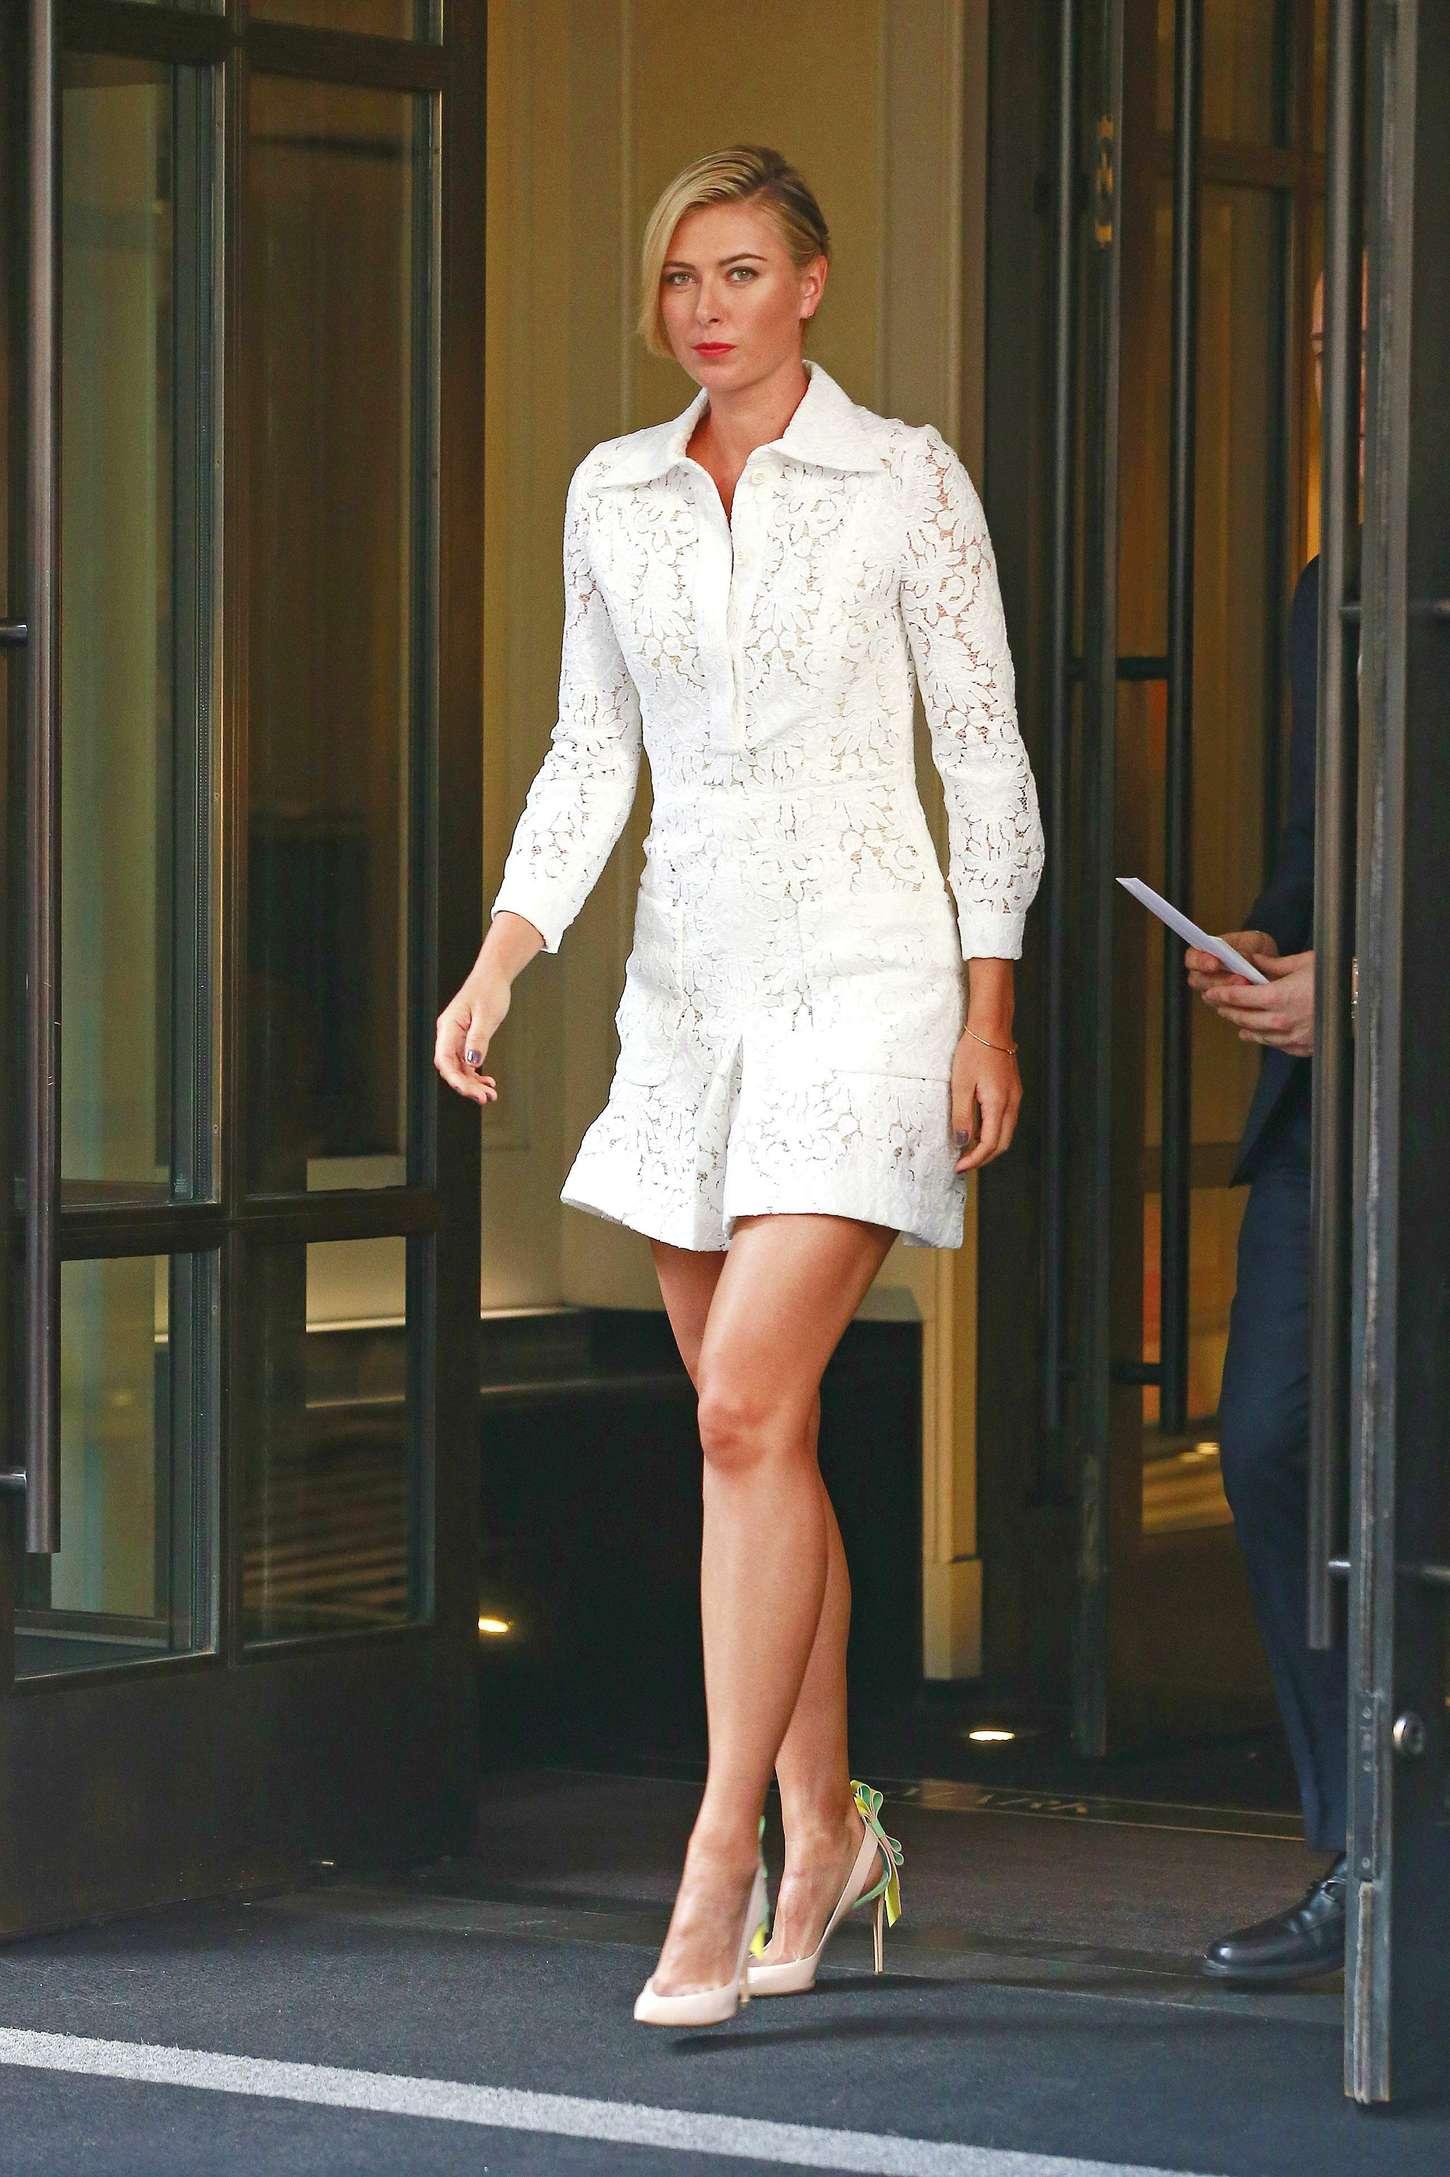 Maria Sharapova In White Mini Dress 09 Gotceleb